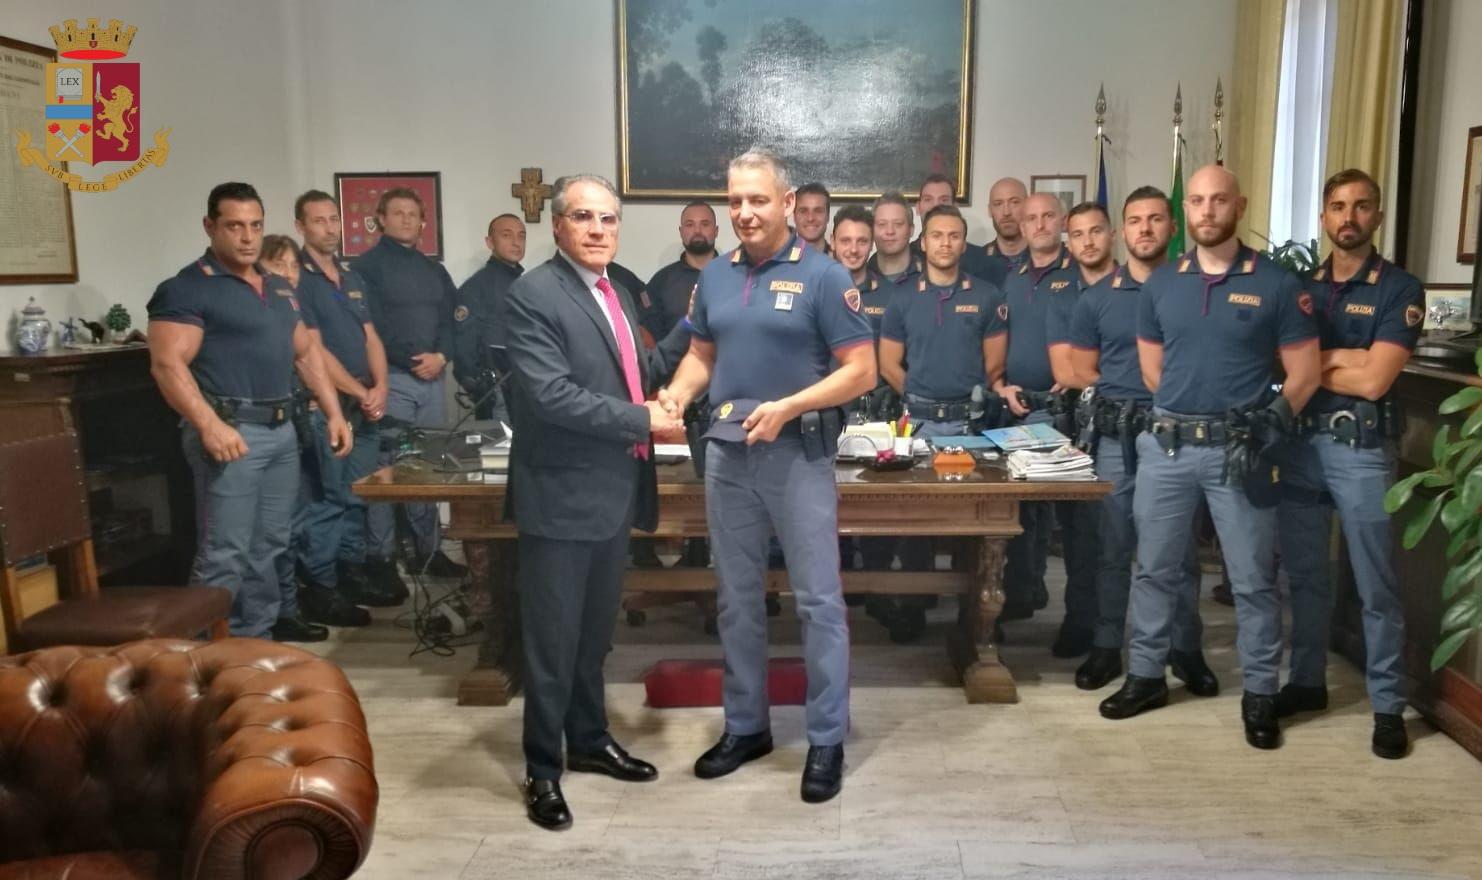 La Polizia di Stato sventa una rapina in banca a Porta al Prato ...